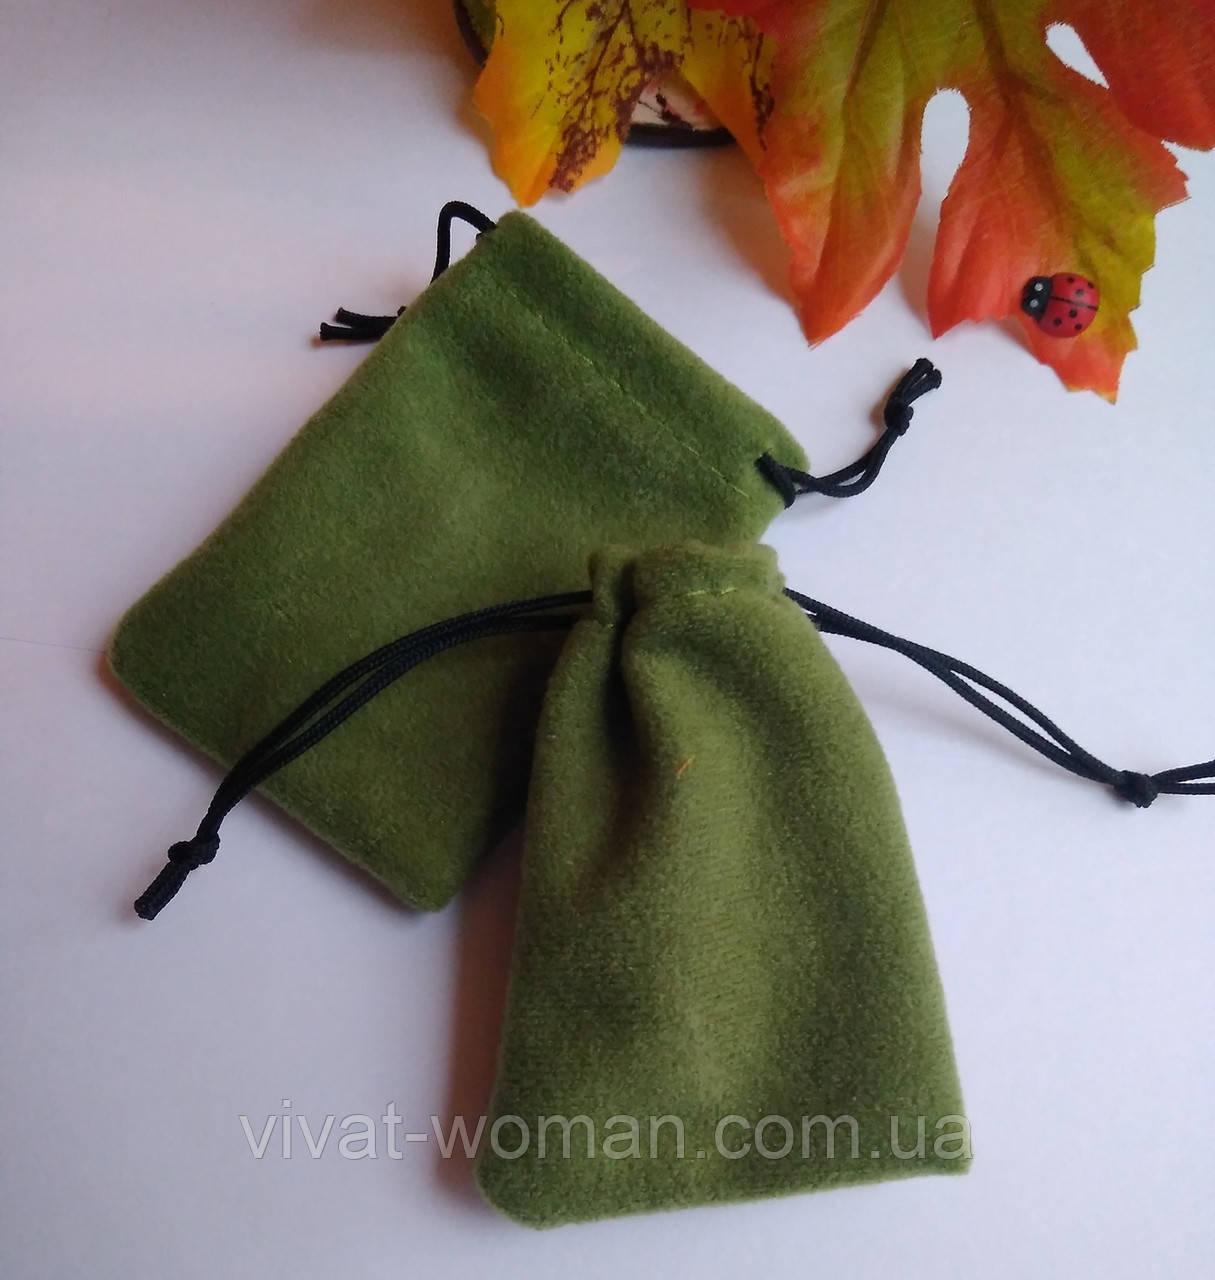 Мешочки ювелирные, бархат оливковый матовый, 5х7 см, 1шт. Производство Украина